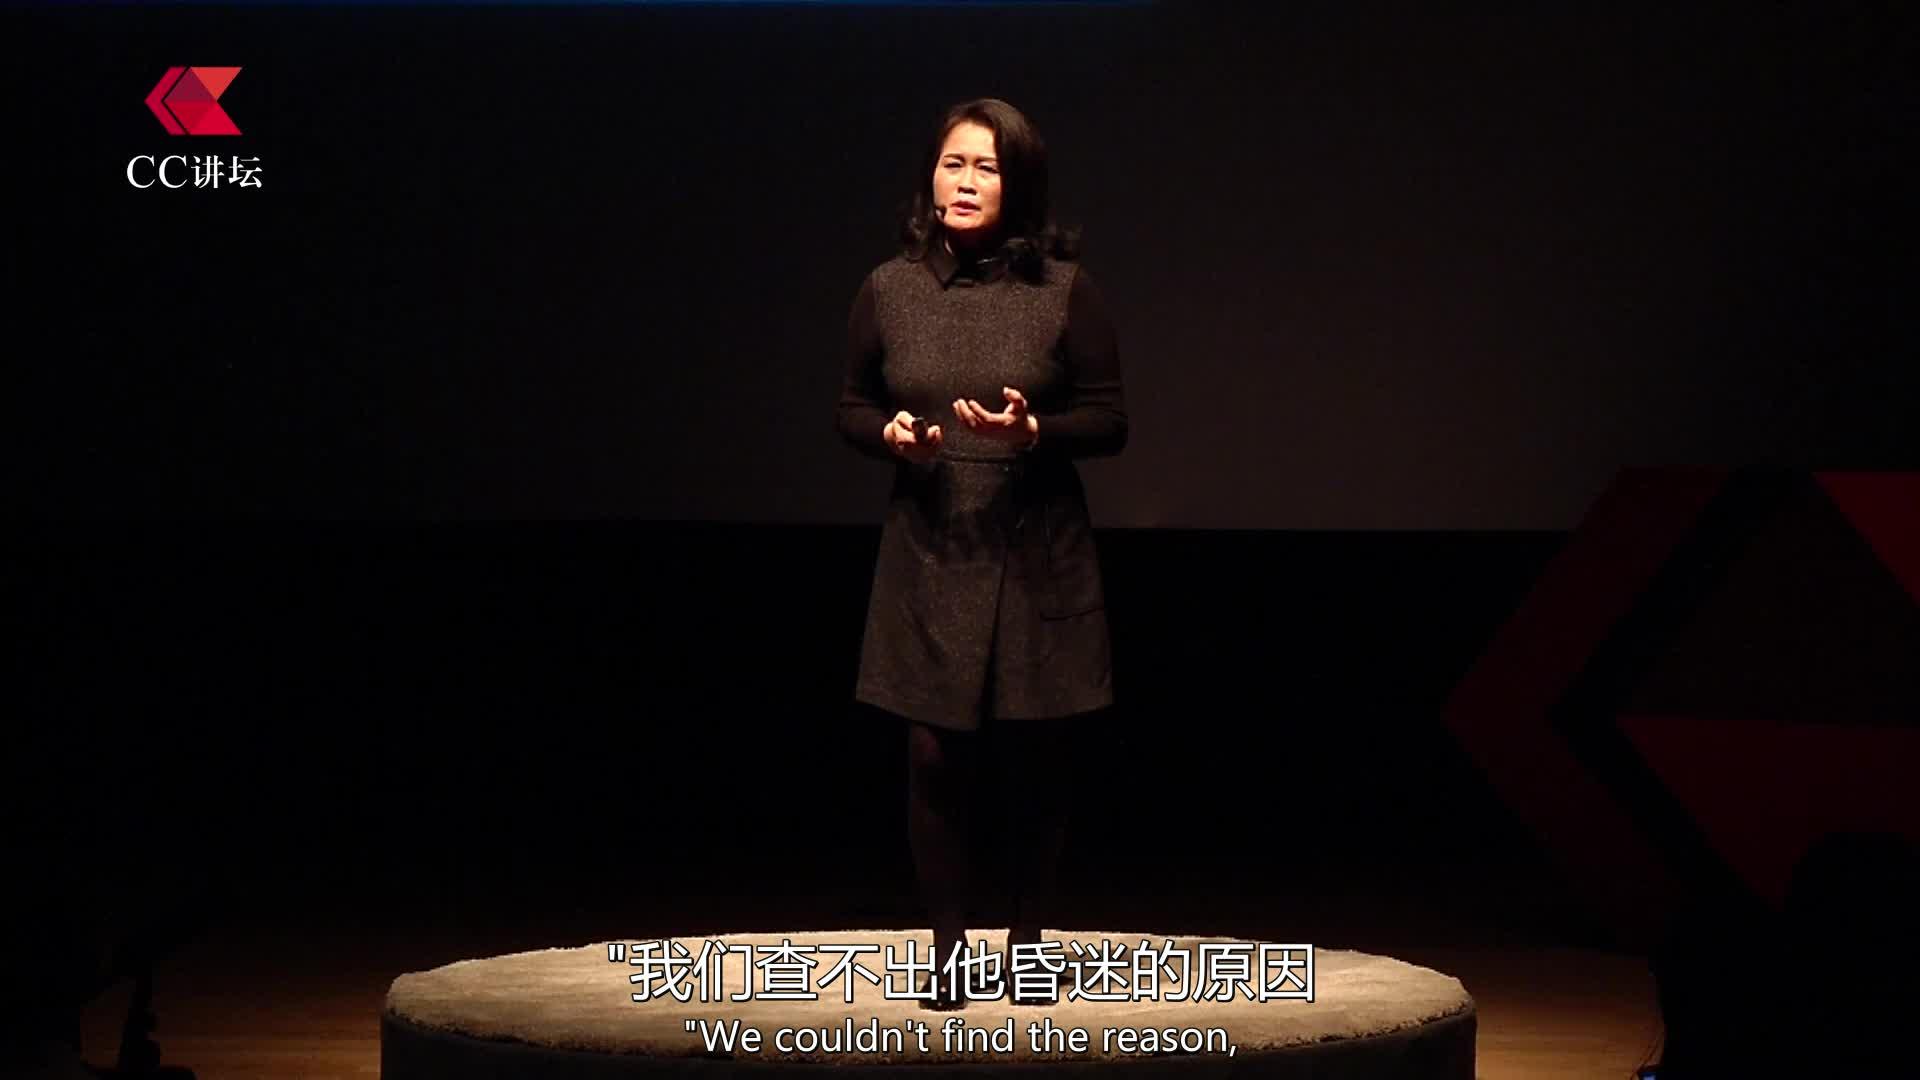 CC讲坛(公益)—周丽辉:药瘾之痛